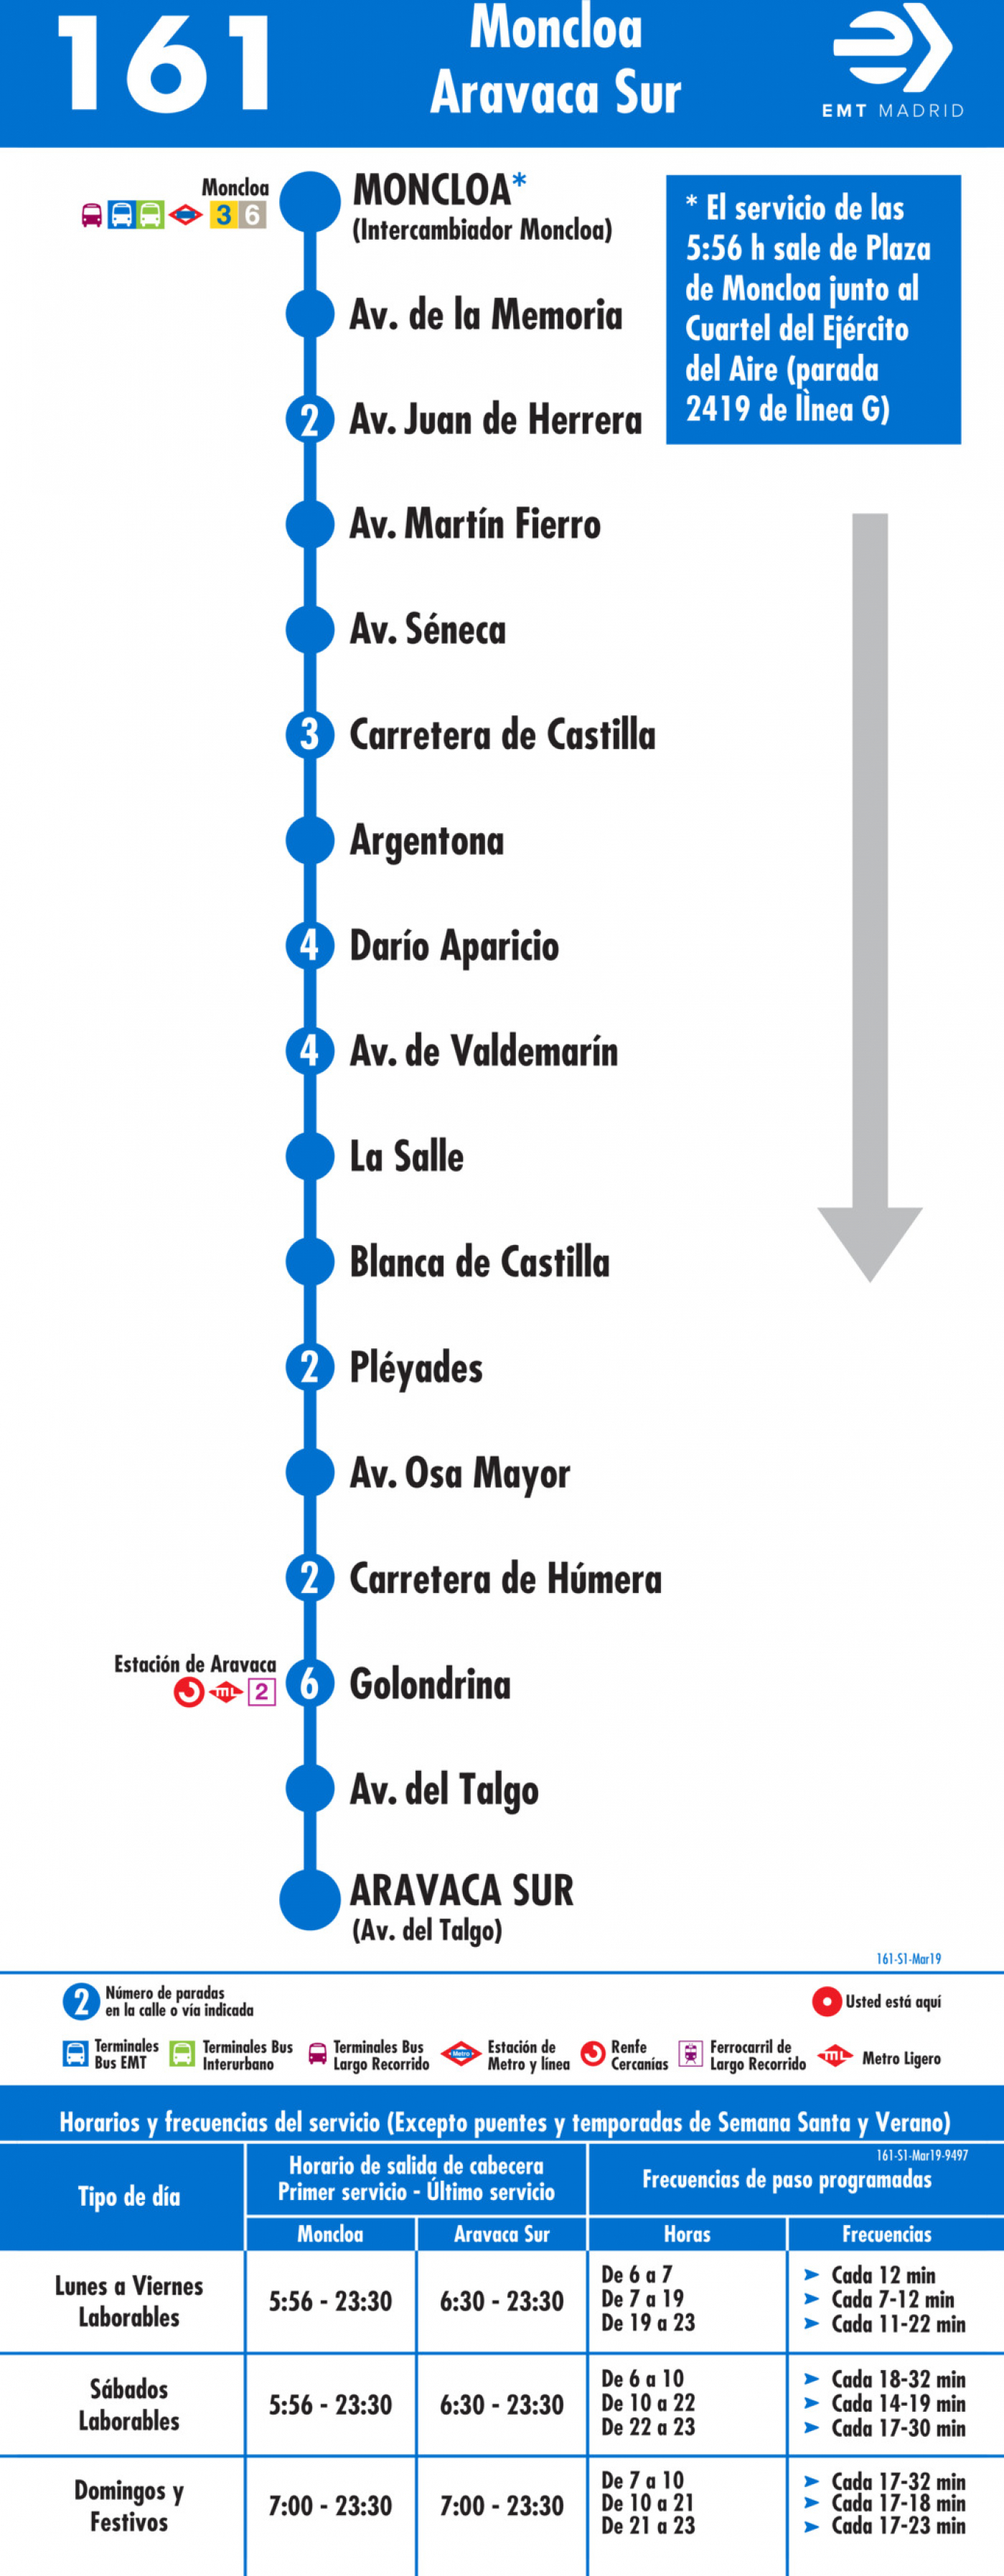 Tabla de horarios y frecuencias de paso en sentido ida Línea 161: Moncloa - Estación de Aravaca